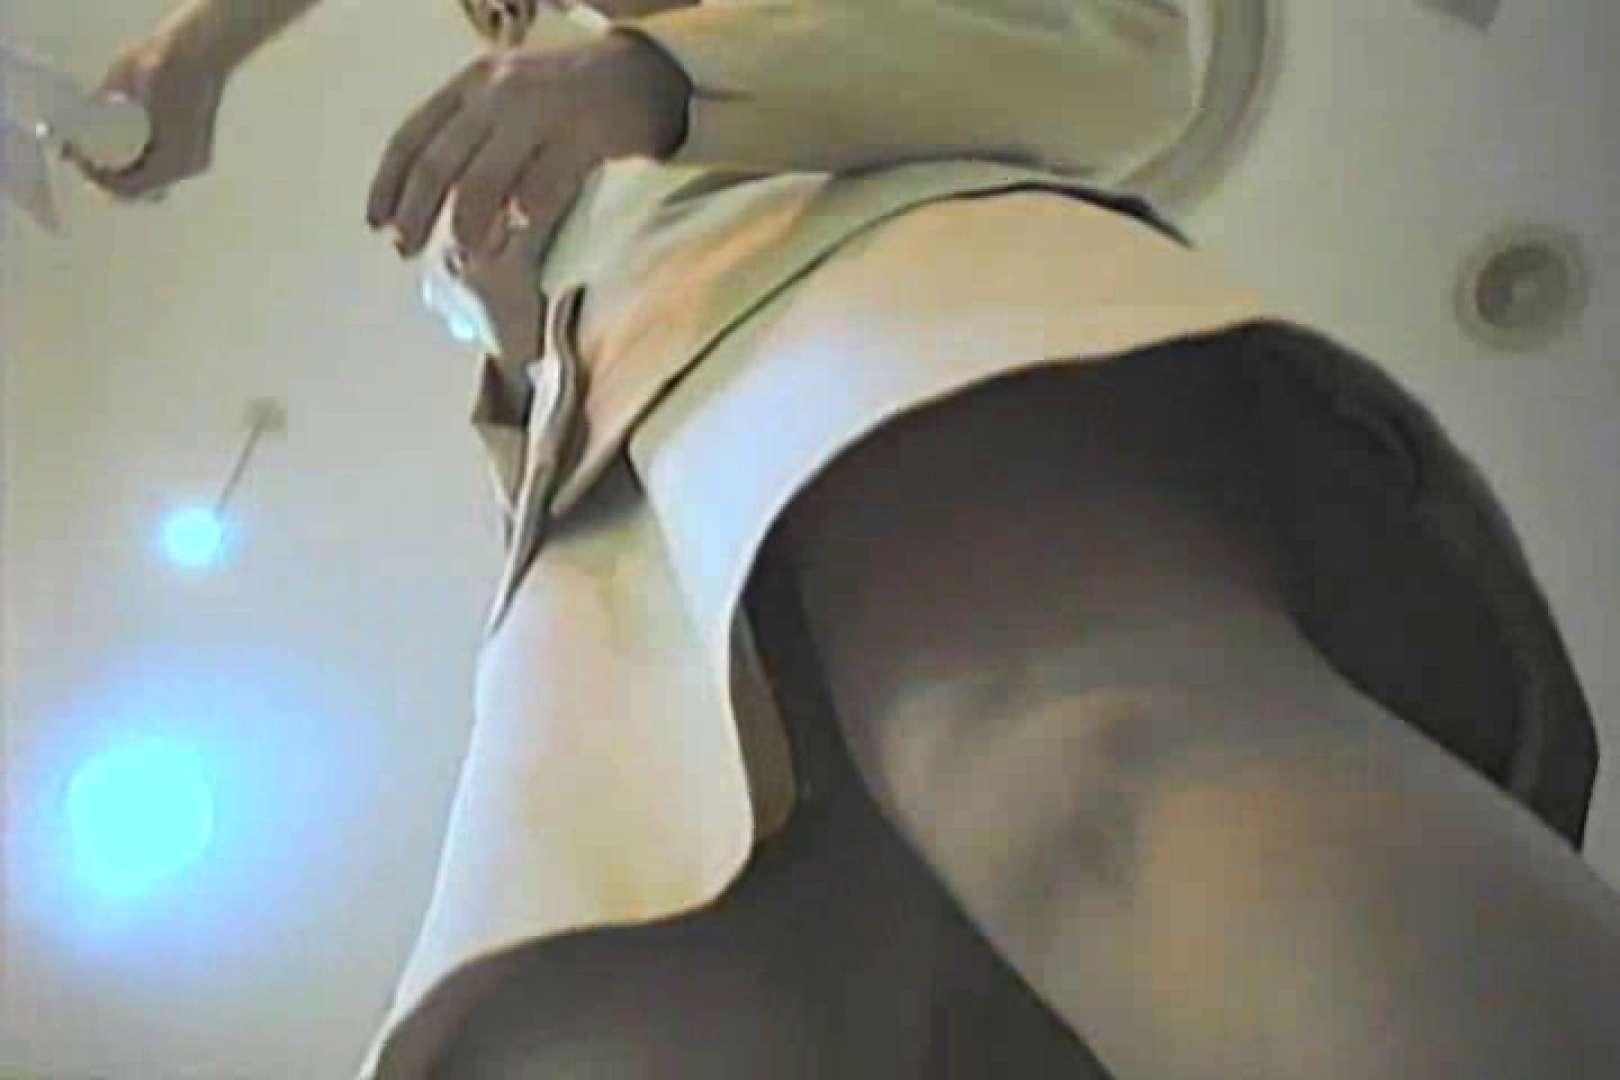 デパートローアングル徘徊 靴カメ盗撮Vol.2 魅力 おめこ無修正動画無料 110pic 38